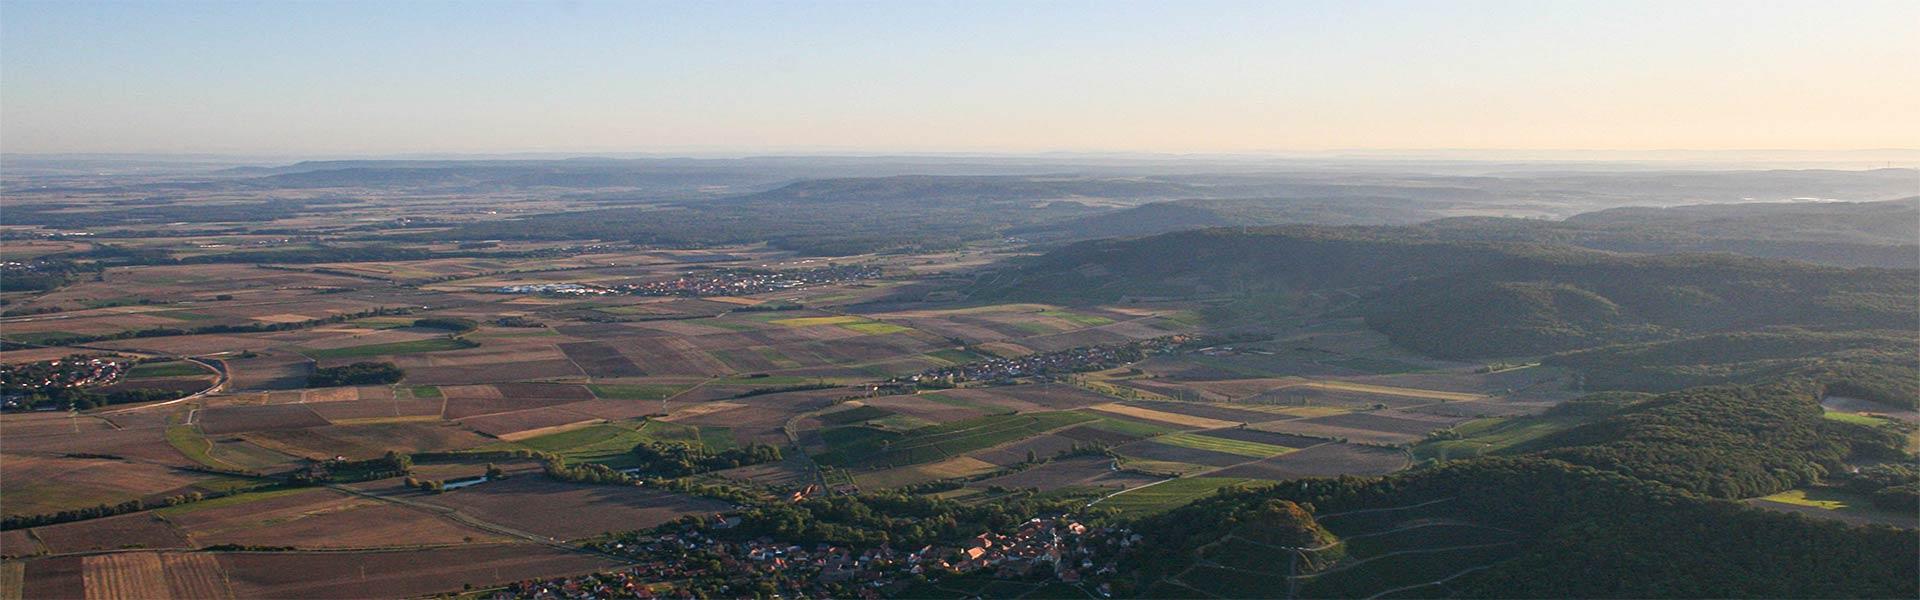 Luftbild Ballonfahrt Steigerwald